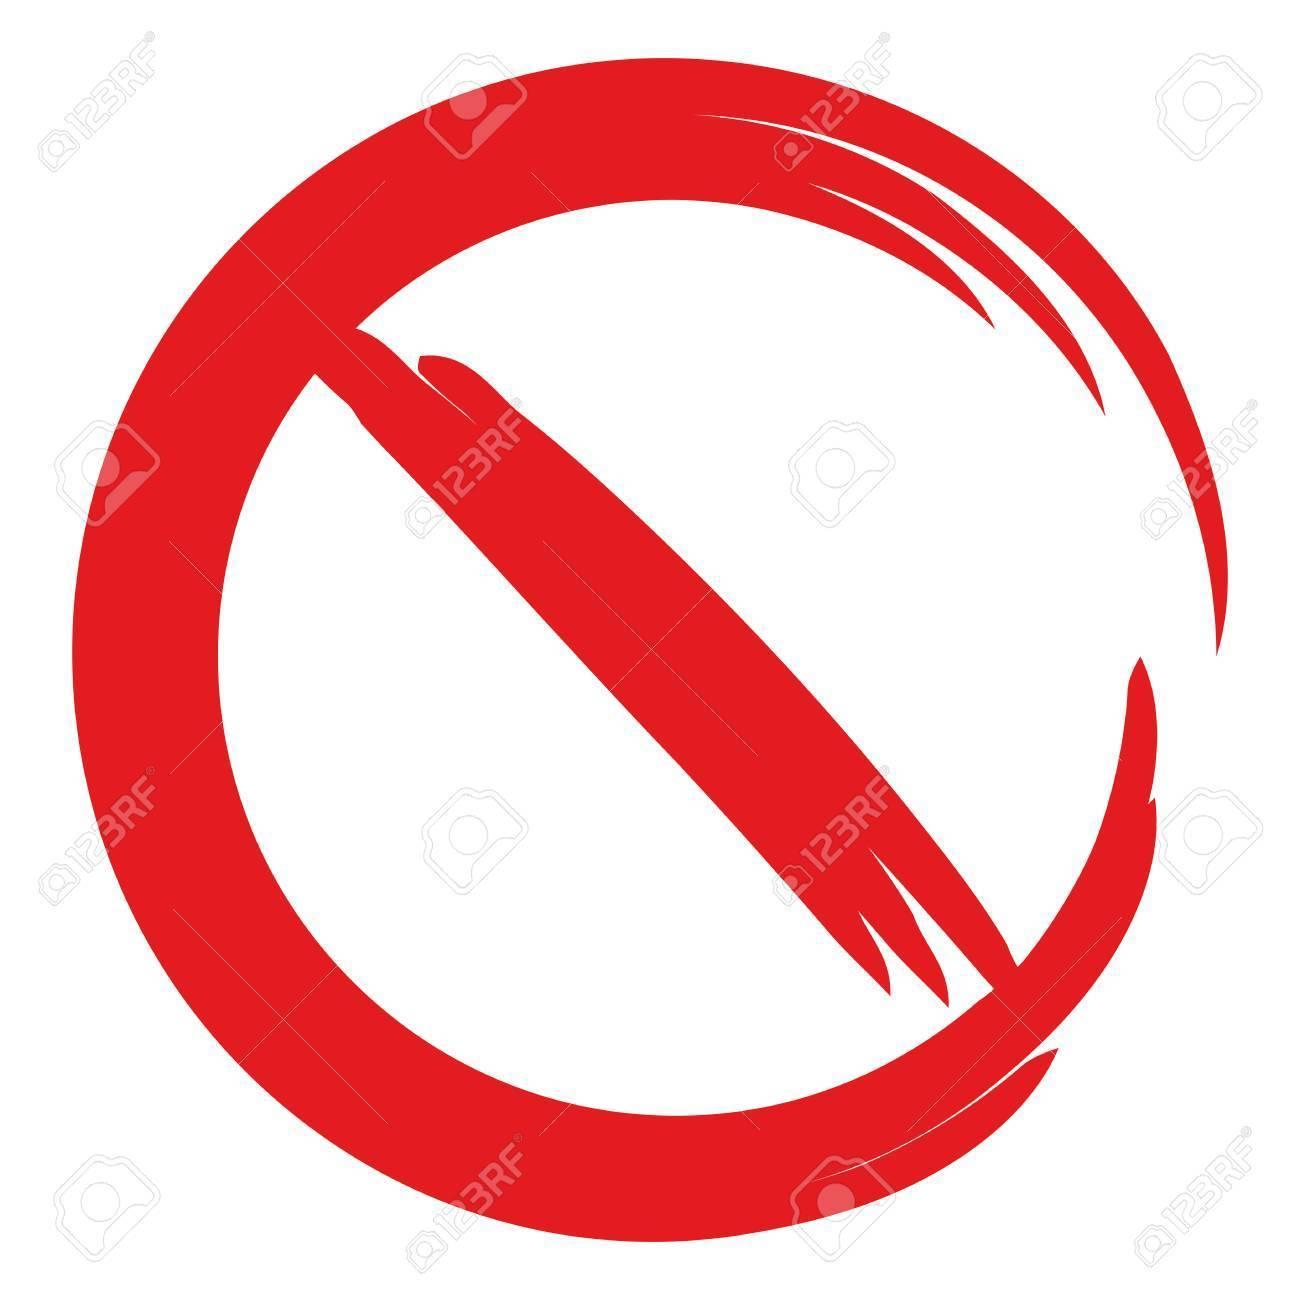 Ban clipart 3 » Clipart Portal.